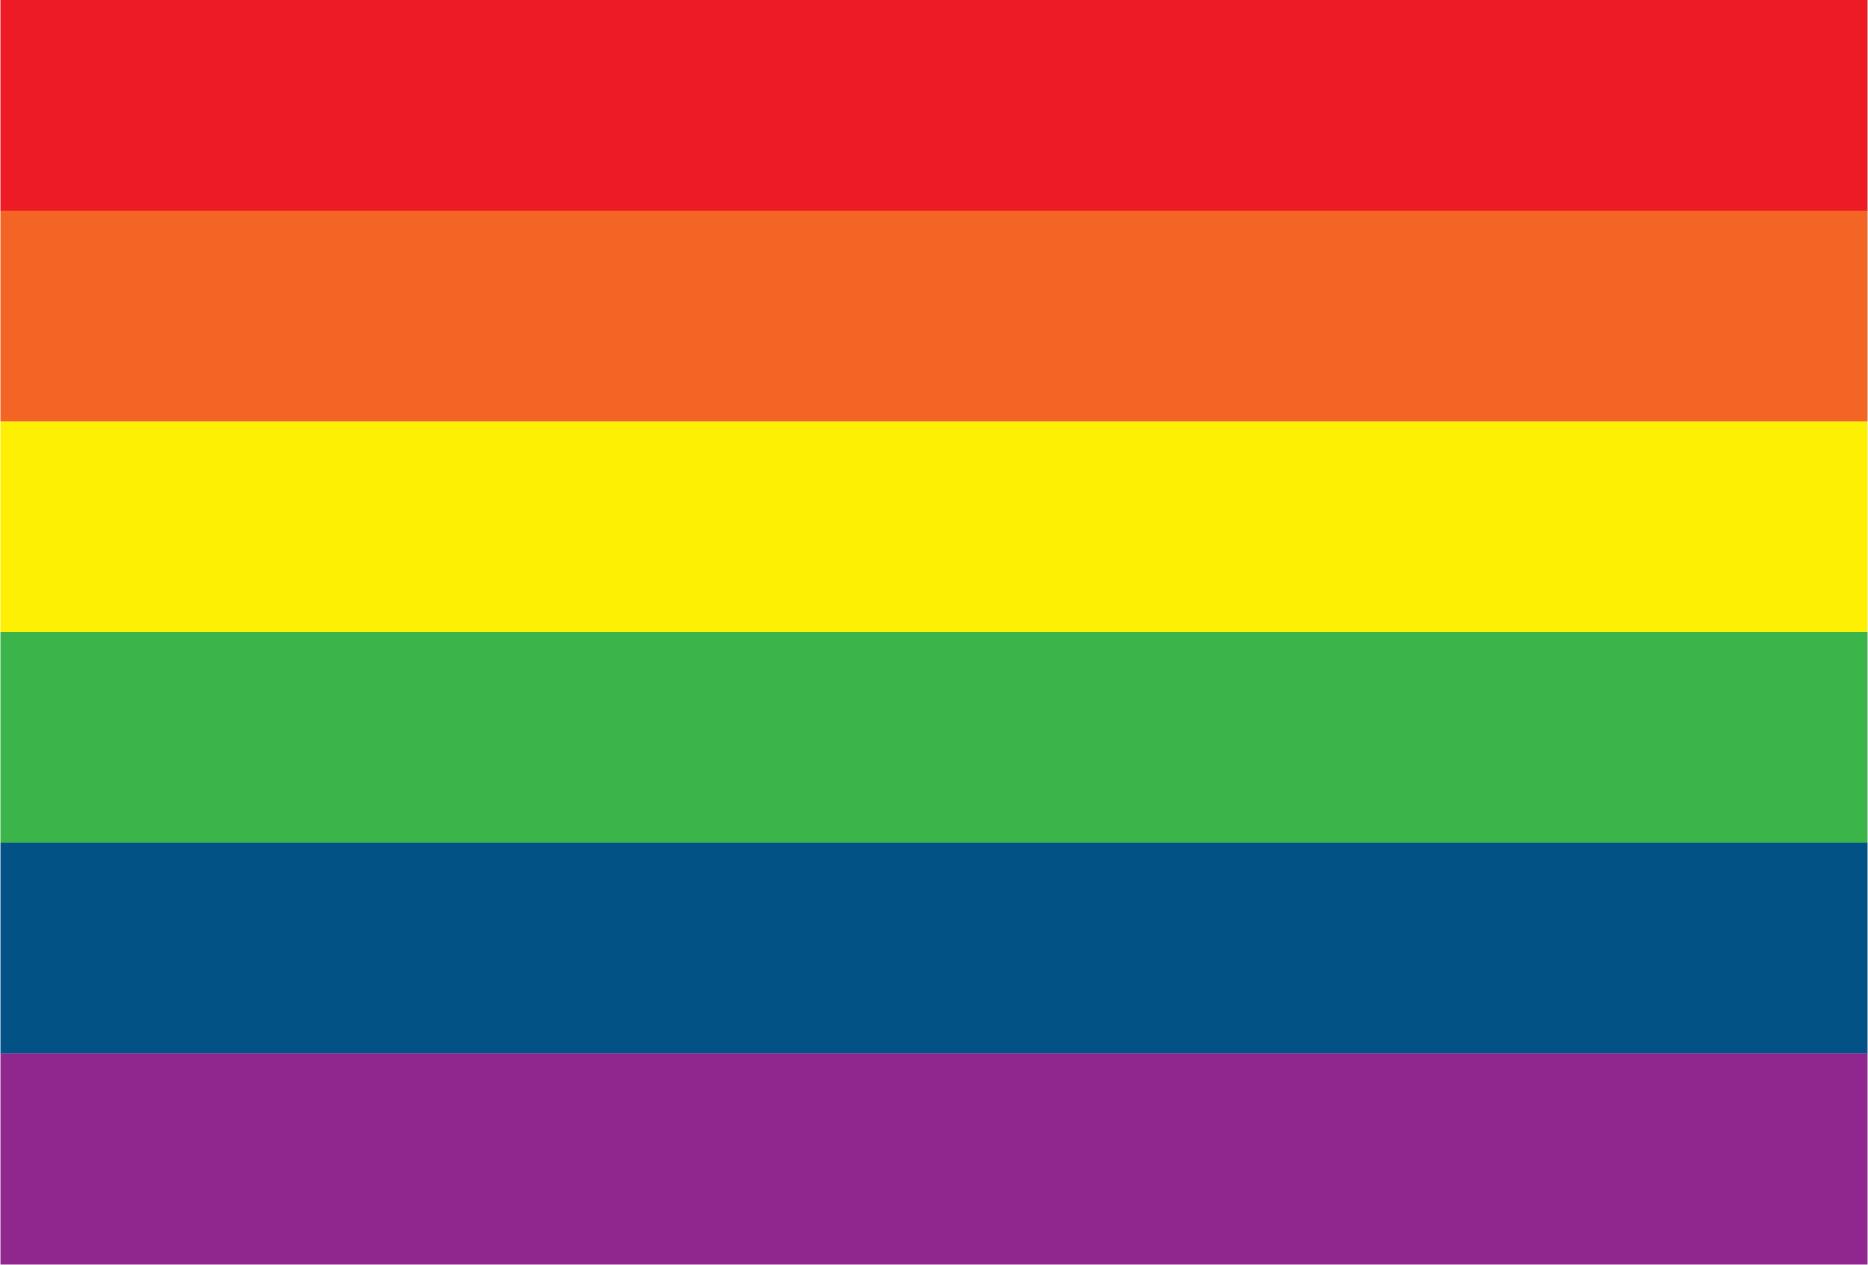 Banderas orientación sexual | Blog de Banderas VDK